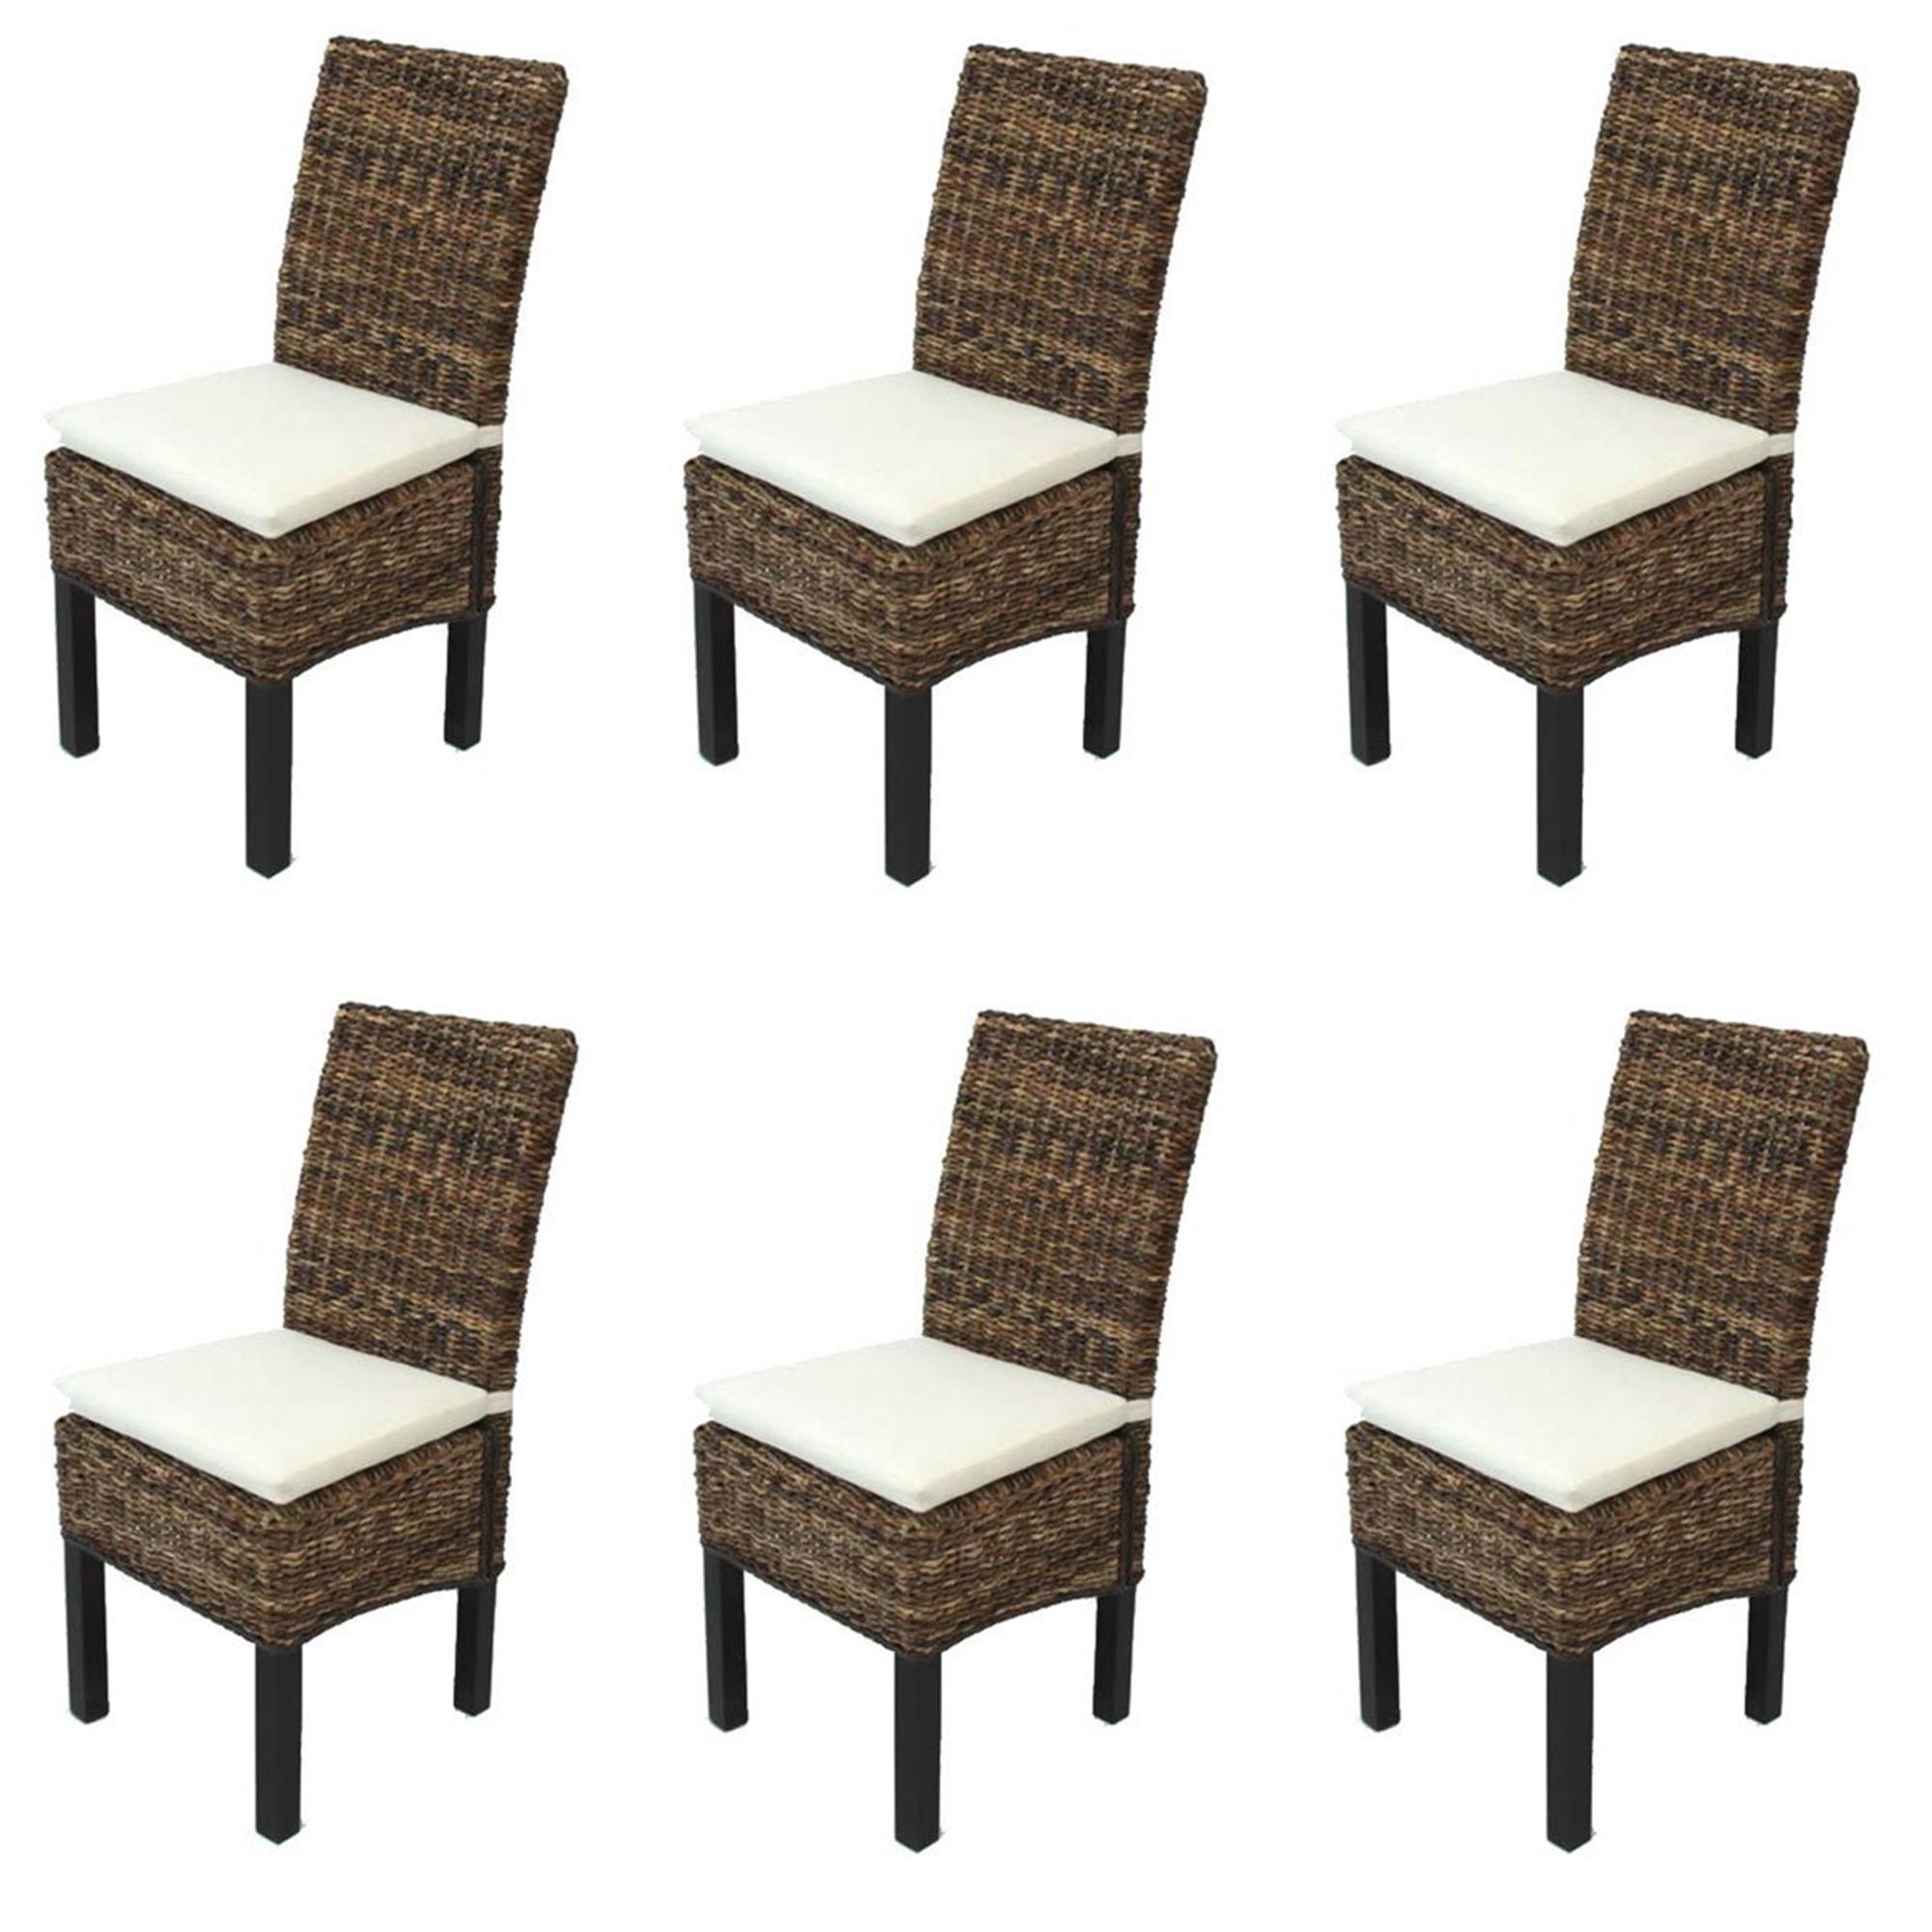 Lote 6 sillas de comedor sabana en mimbre y madera color for Comedor de madera 6 sillas